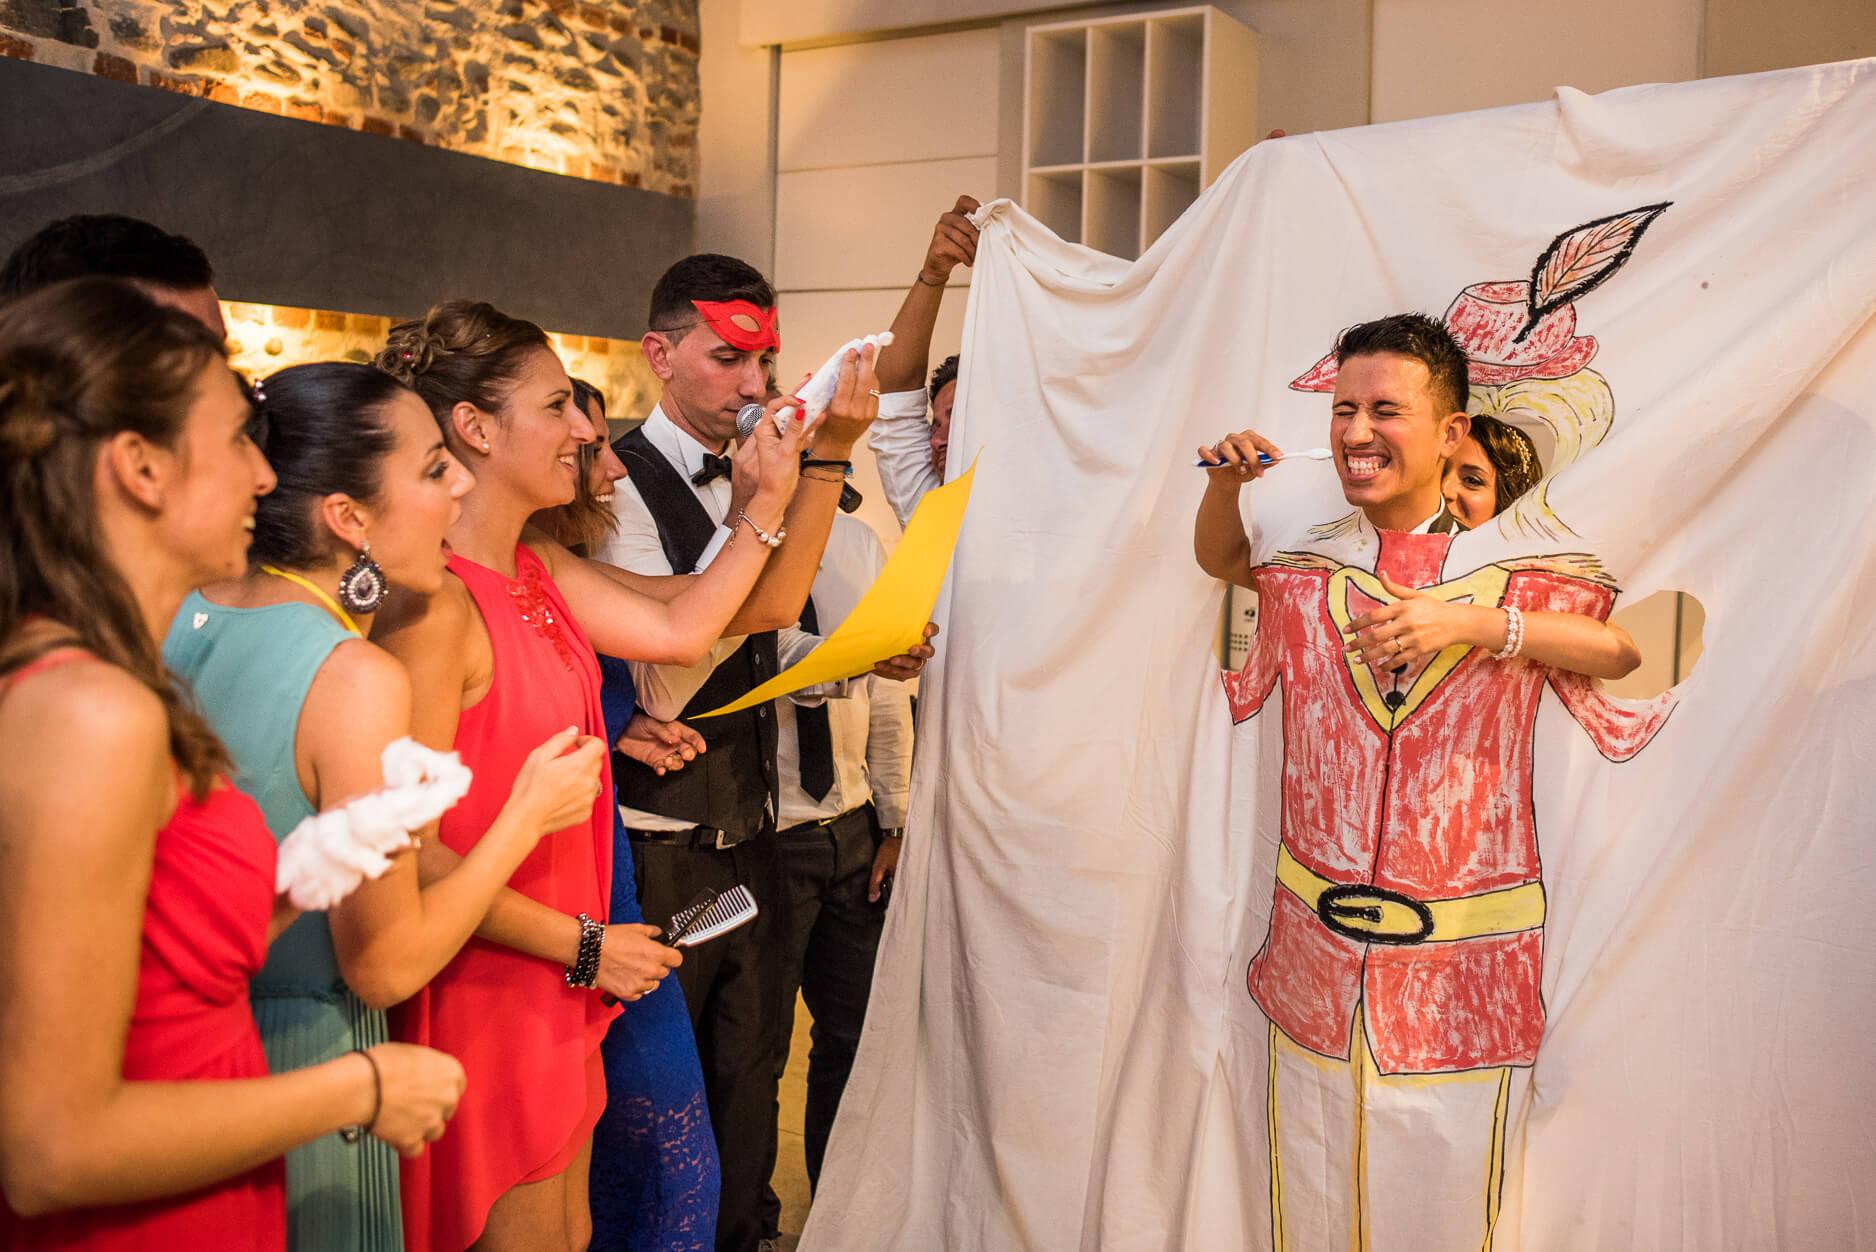 15 idee di scherzi per matrimonio divertenti e originali for Idee originali per testimoni di nozze